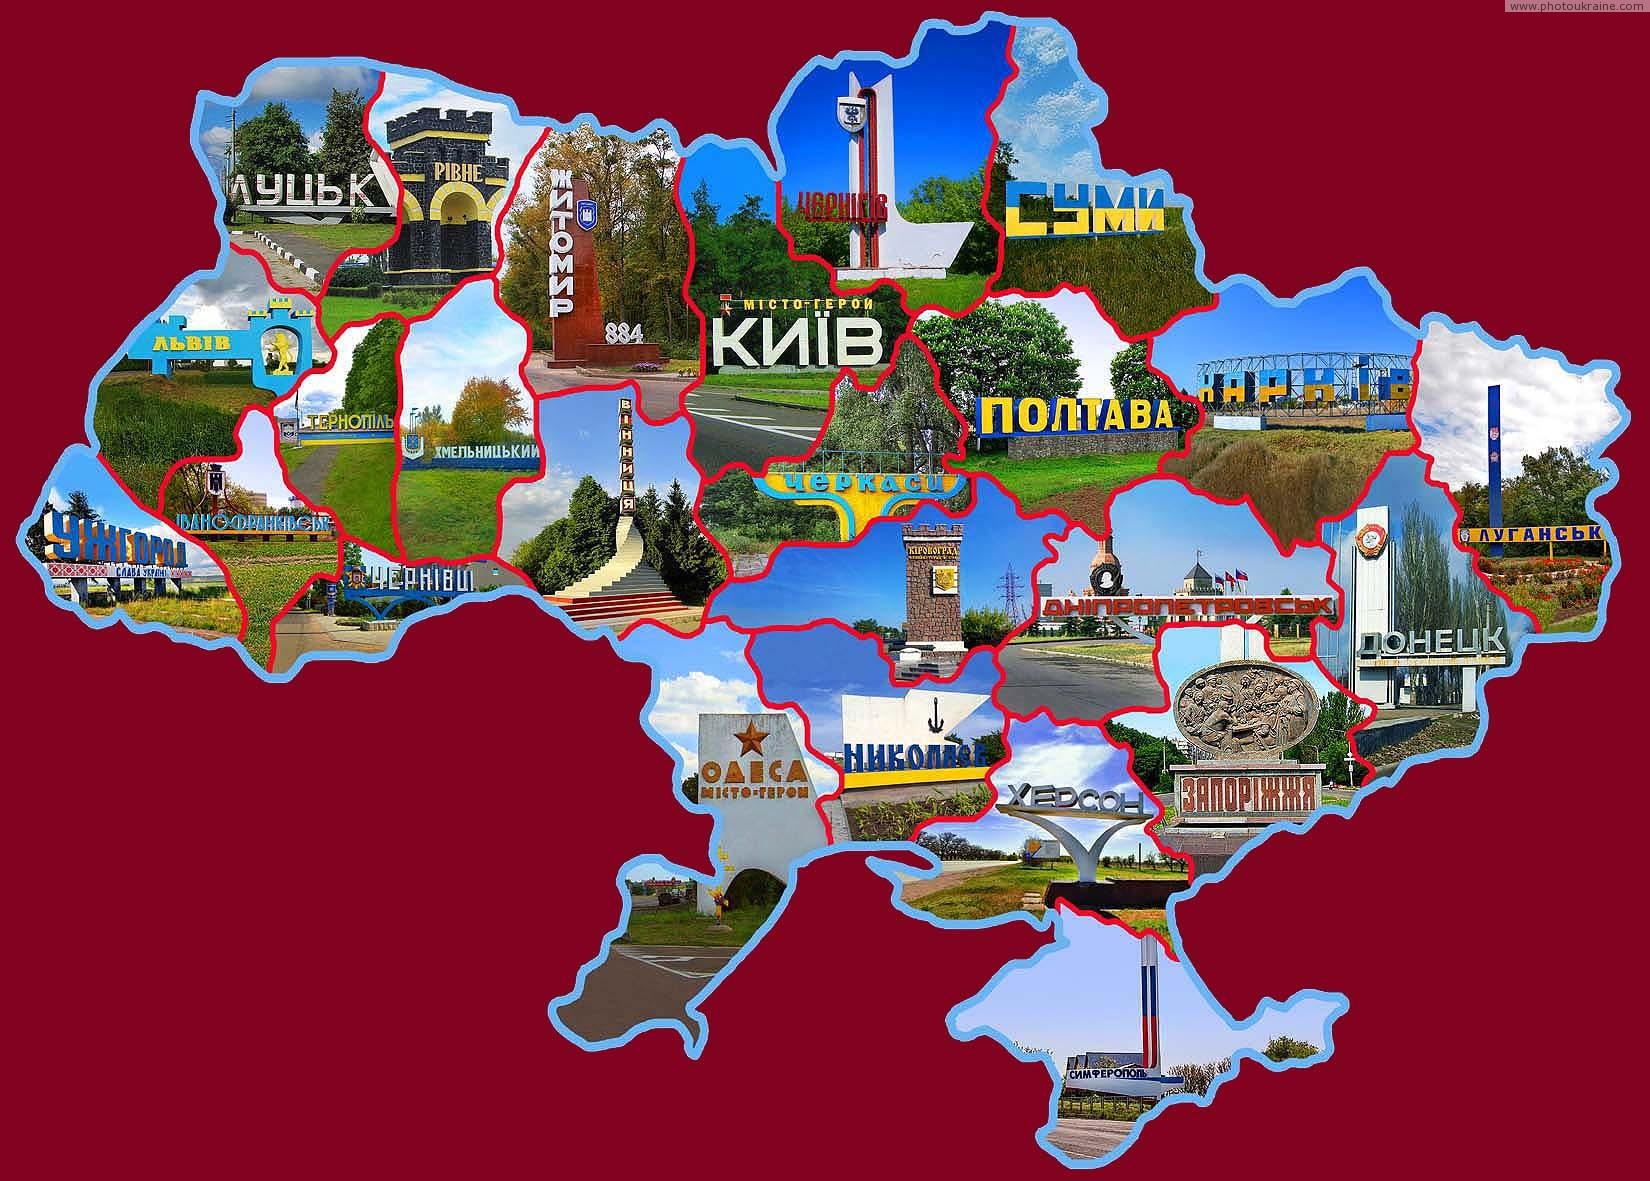 Дорожные знаки центров административных областей Украины